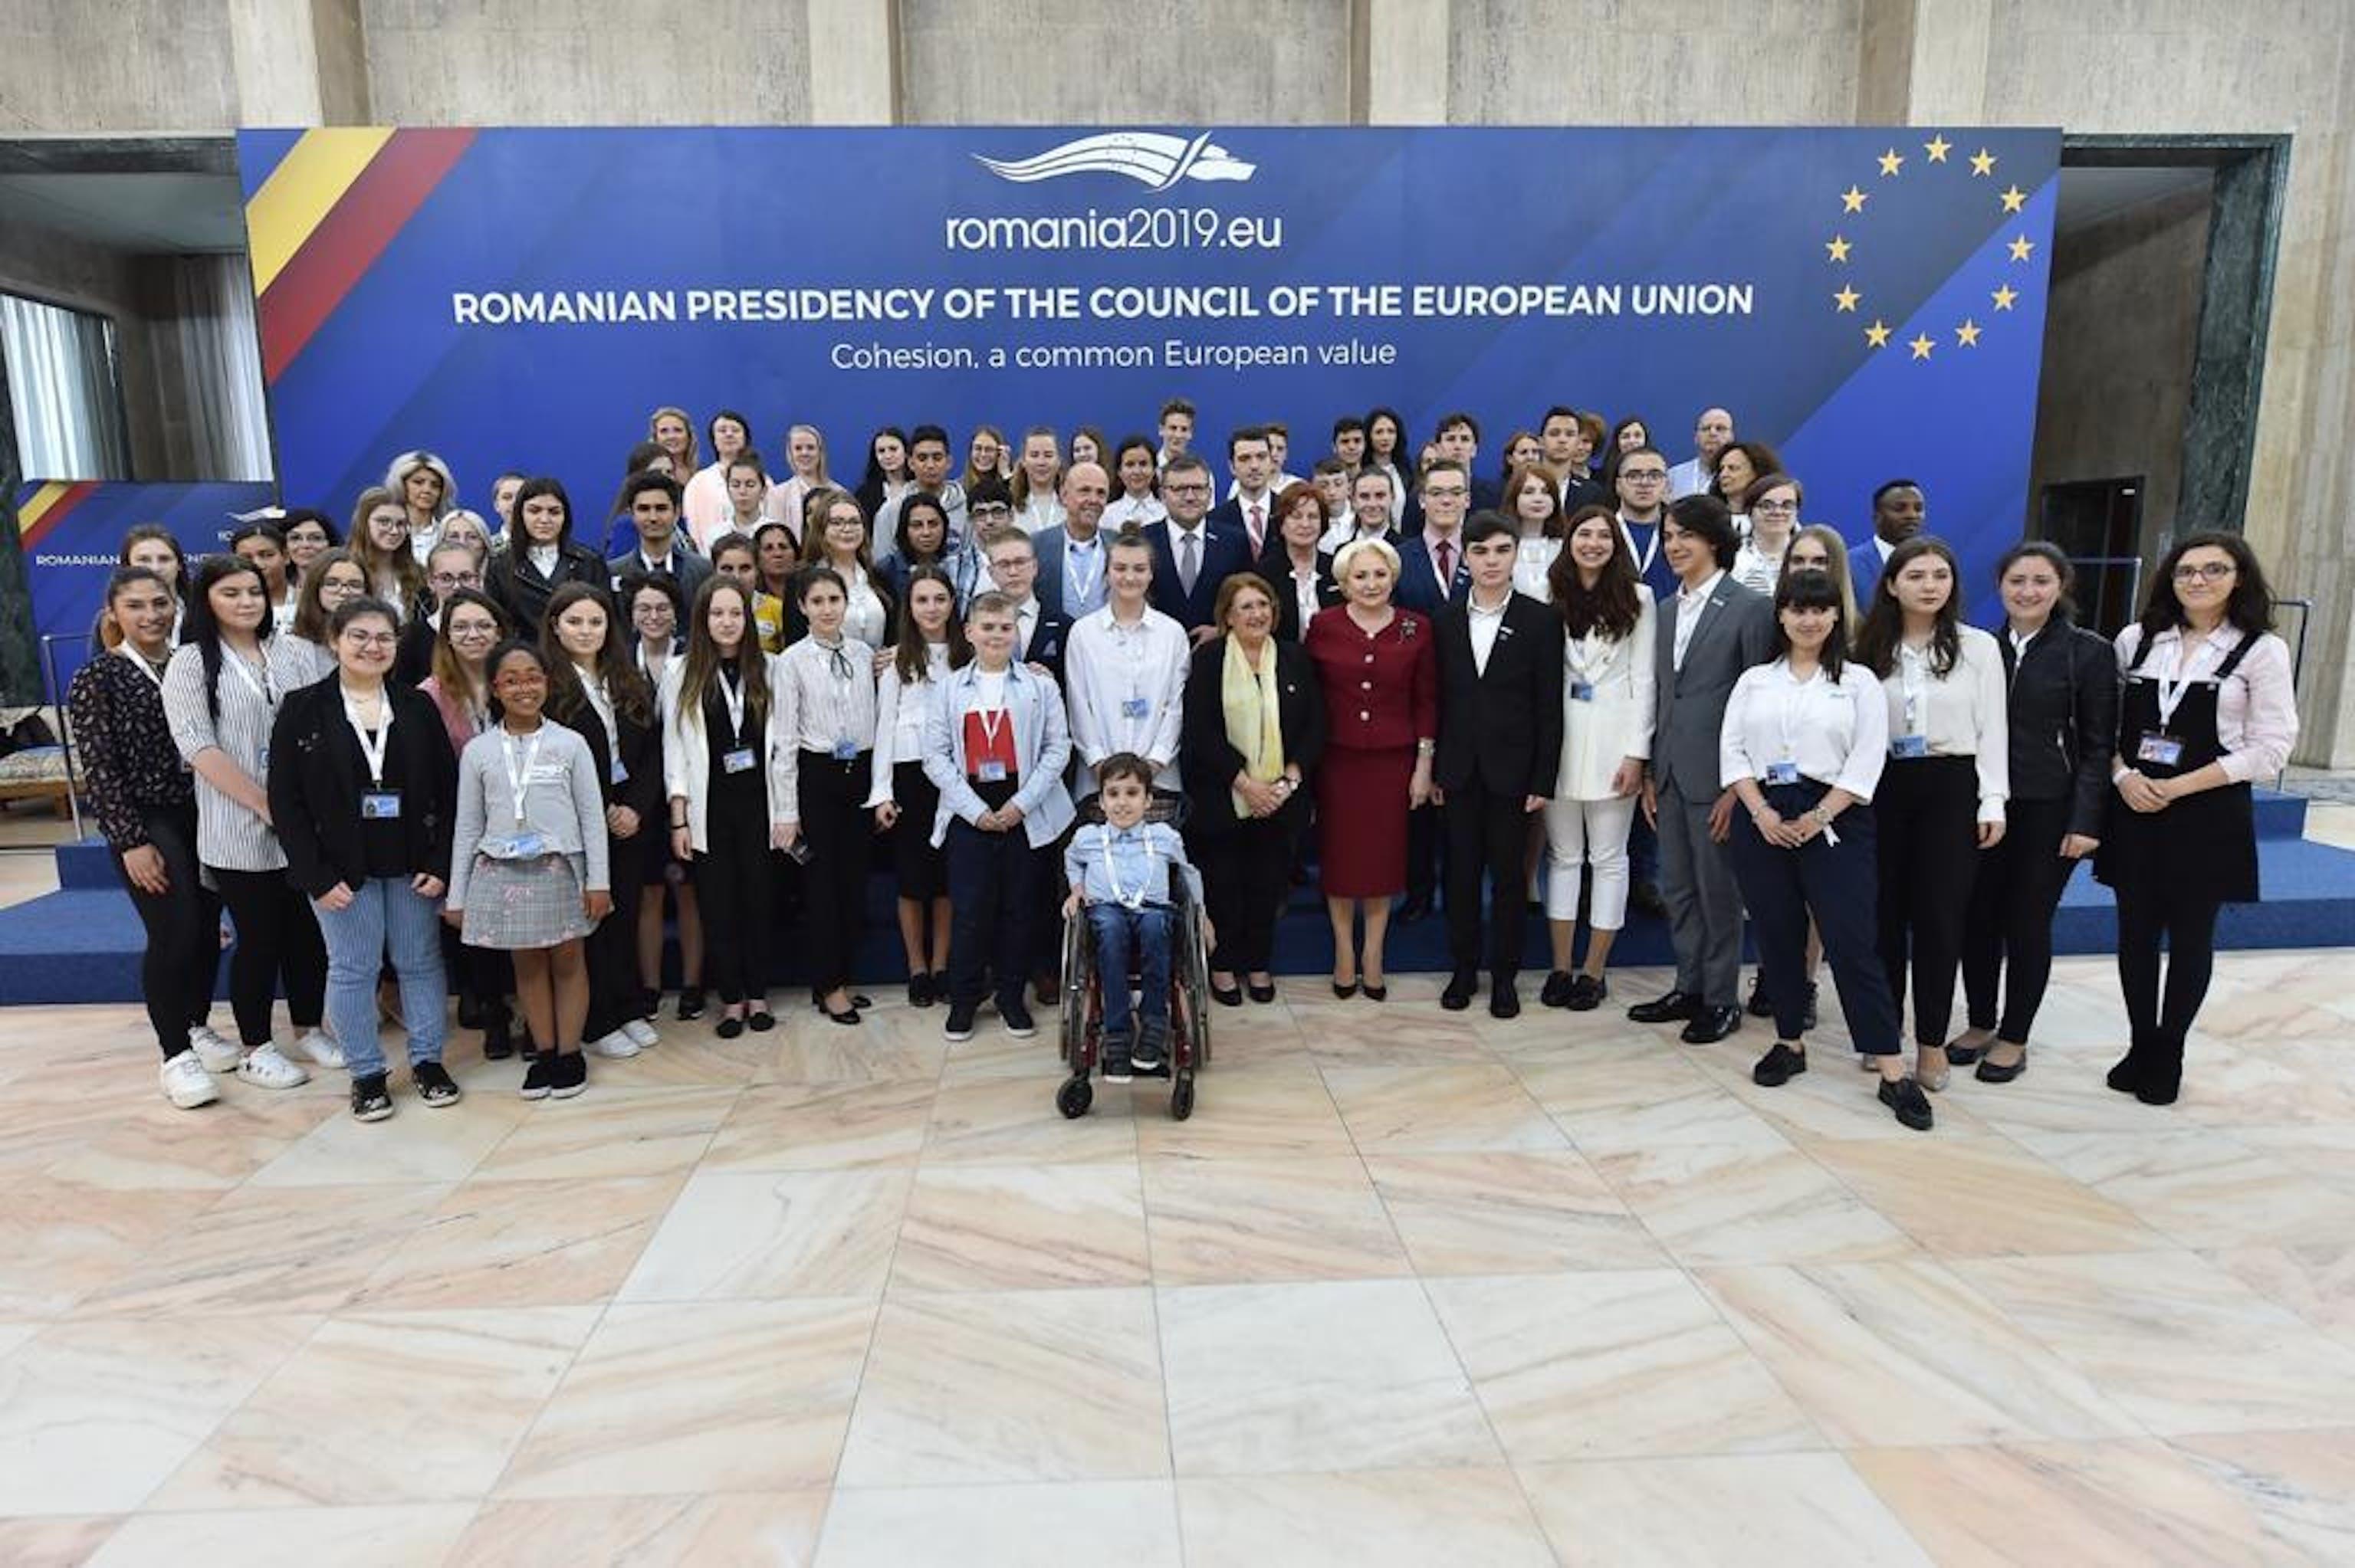 I giovani partecipanti al meeting di Bucarest insieme al premier della Romania Viorica Dancila